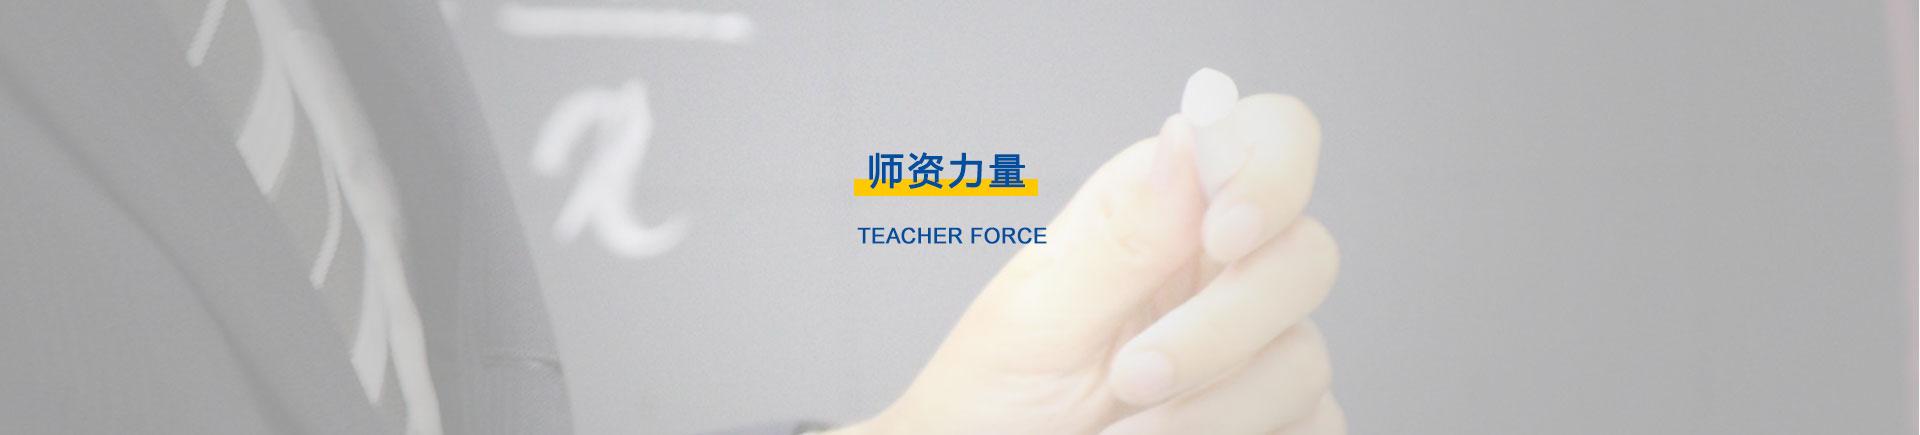 先行者教育师资力量